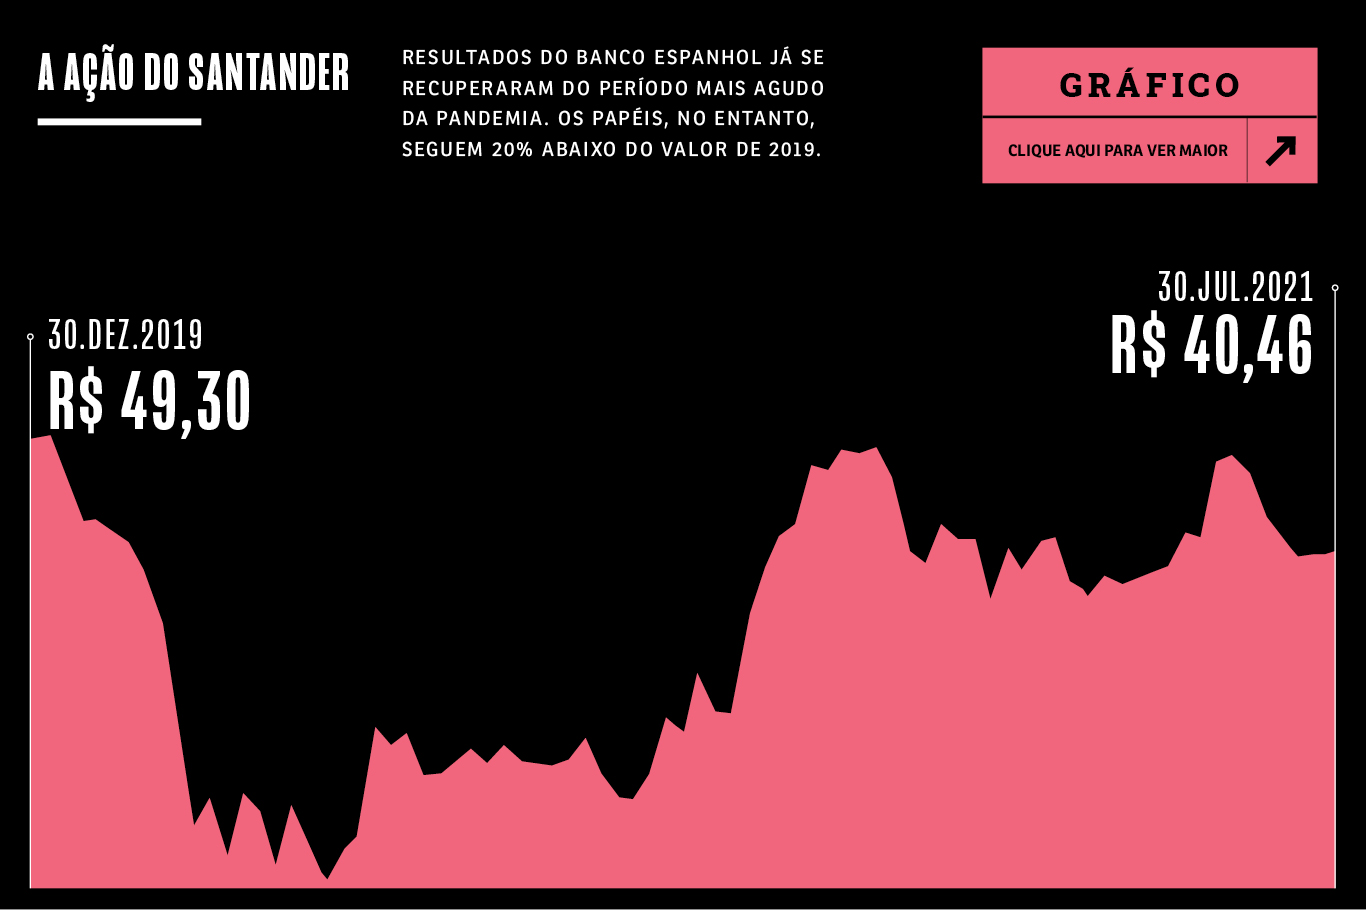 Gráfico de ações do Santander. Elas valiam R$ 40,46 ao fim de julho.